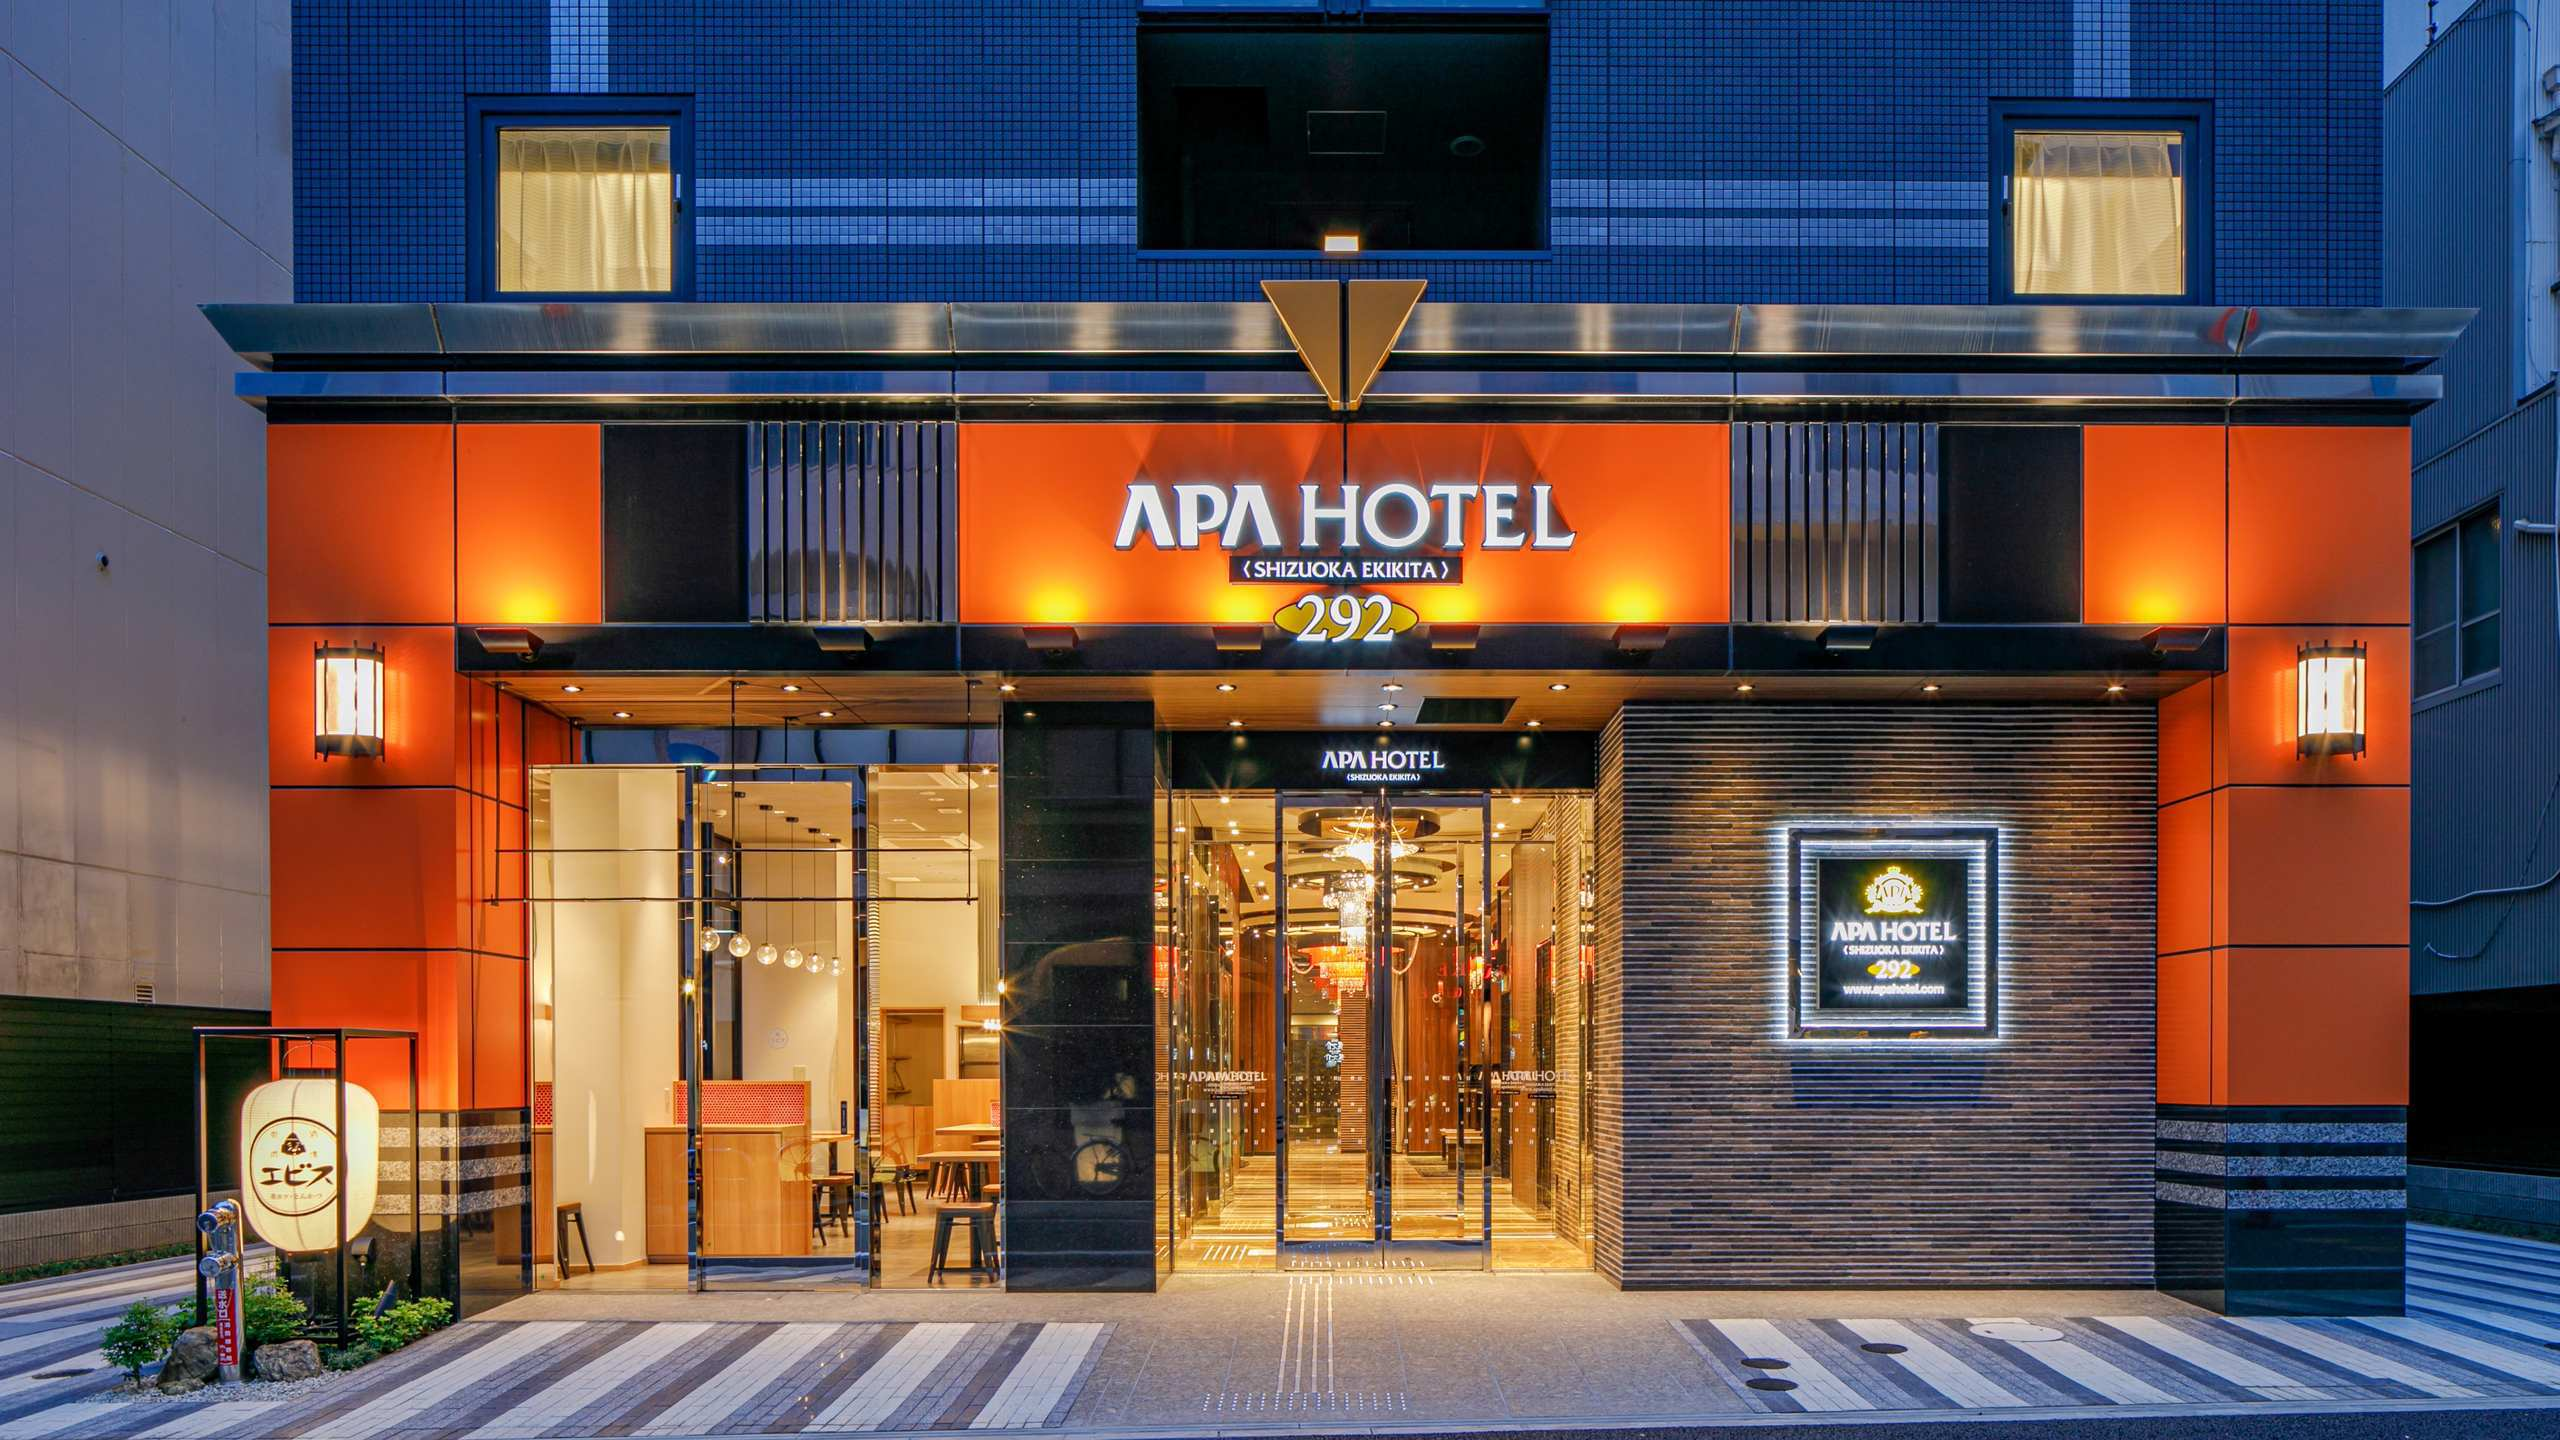 アパホテル<静岡駅北>(全室禁煙)